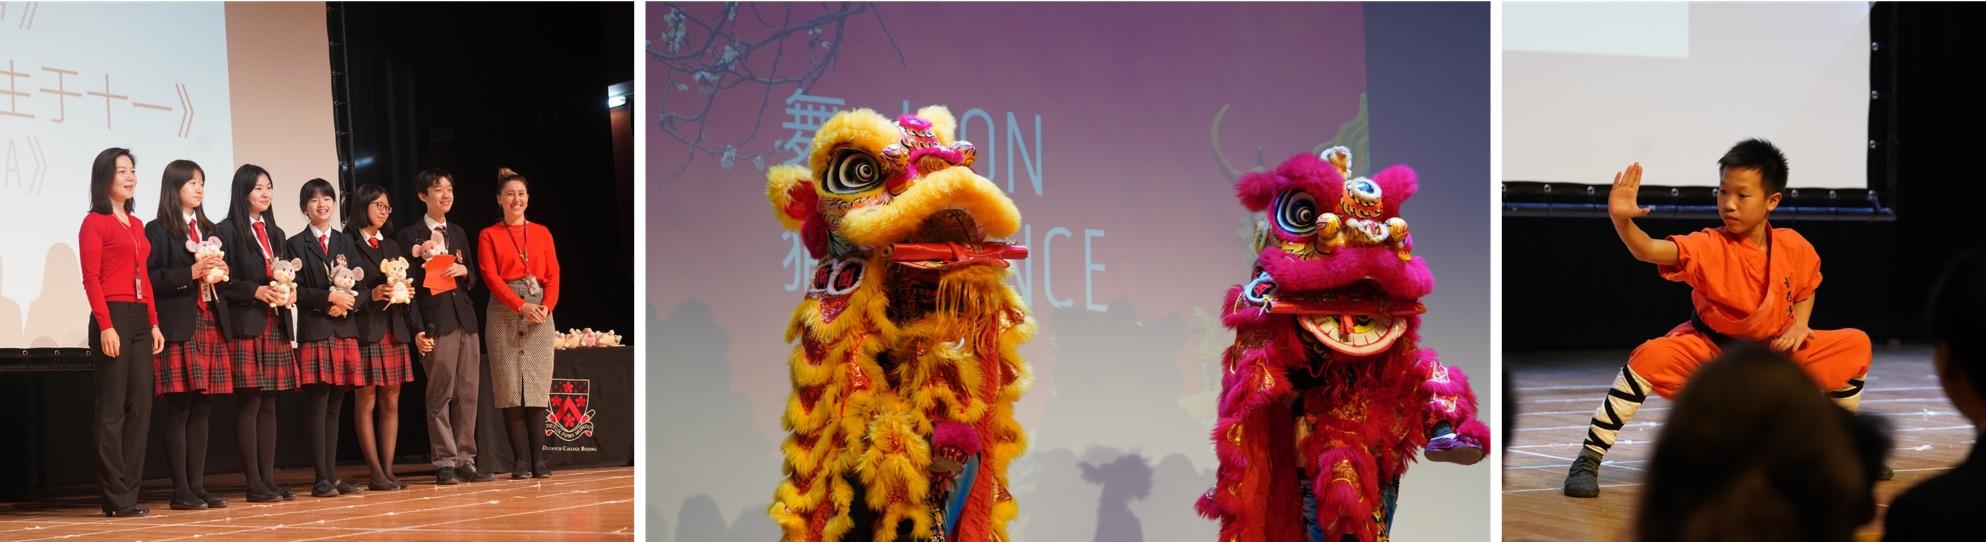 中文微电影节颁奖和节目演出